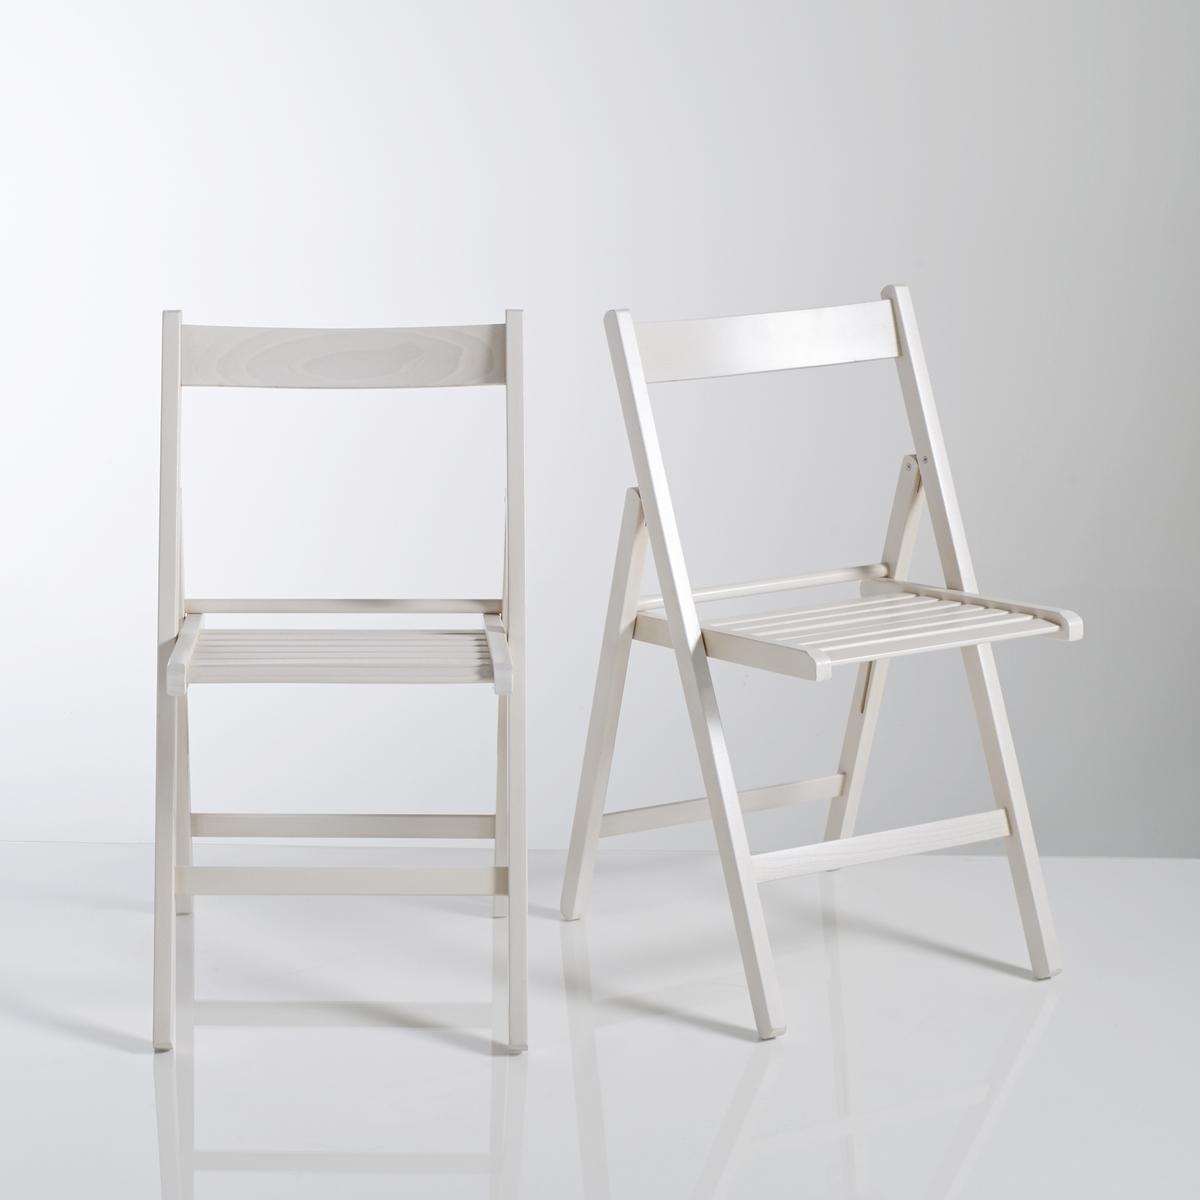 2 складных стула из массива бука YannХарактеристика складных стульев Yann:Сертифицированный массив бука FSC (FSC n°C104535), анилиновое лаковое покрытие (на водной основе) подчеркивает фактуру древесины.Крепления из оцинкованной стали.Вся коллекция Yann на сайте laredoute.ru.Размеры складных стульев Yann:Общие размеры для 1 стулаДлина: 43 см.Высота: 80 см.Ширина: 47 см.Сиденье: Д38 x В45 x Ш30 см.Вес: 3 кг.Размеры и вес упаковки:1 упаковка.Д89 x В15 x Ш45 см.7 кг.Доставка:2 складных стула Yann продаются в собранном виде.Внимание! Убедитесь в том, что посылку можно доставить на дом, учитывая ее габариты(проходит в двери, по лестницам, в лифты).<br><br>Цвет: белый,красный,серо-бежевый,серый